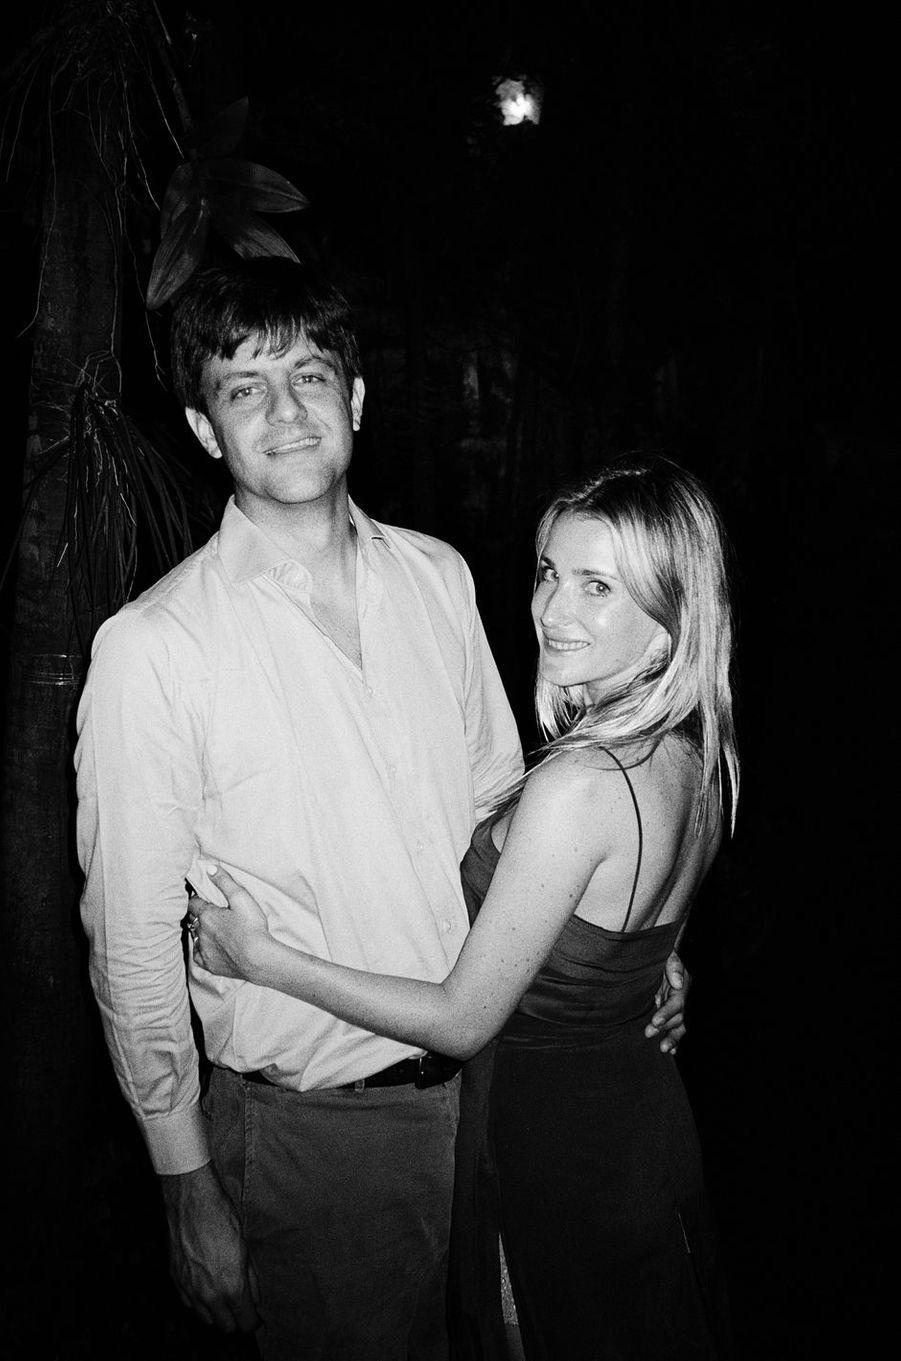 En cet été 2016, le prince Ernst August de Hanovre junior, beau-fils de la princesse Caroline de Monaco, a choisi la Grèce pour demander la main de la jeune russe Ekaterina Malysheva. Laquelle a dit oui.